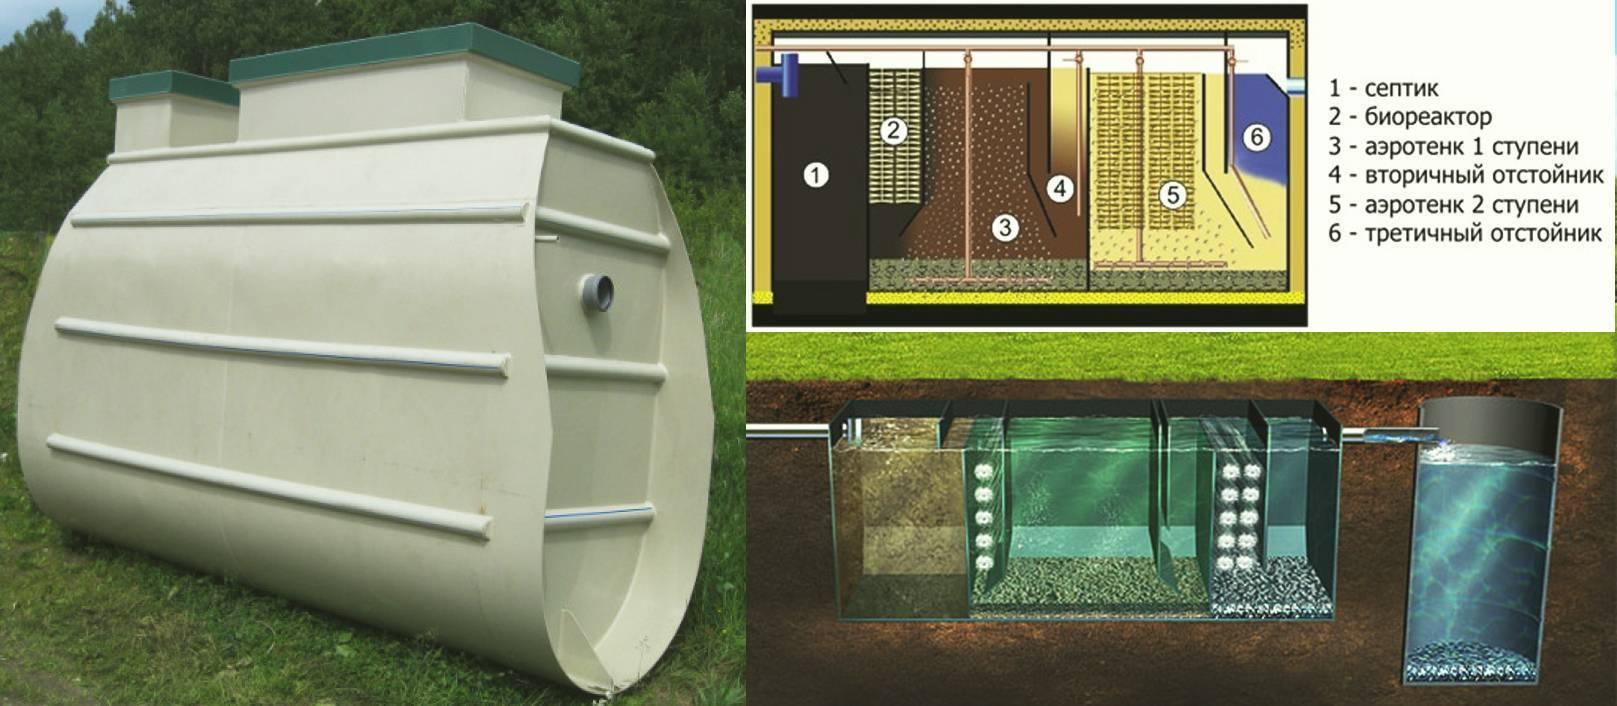 Установка септика для частного дома, нормативы, стоимость | септик клён официальный сайт производителя!